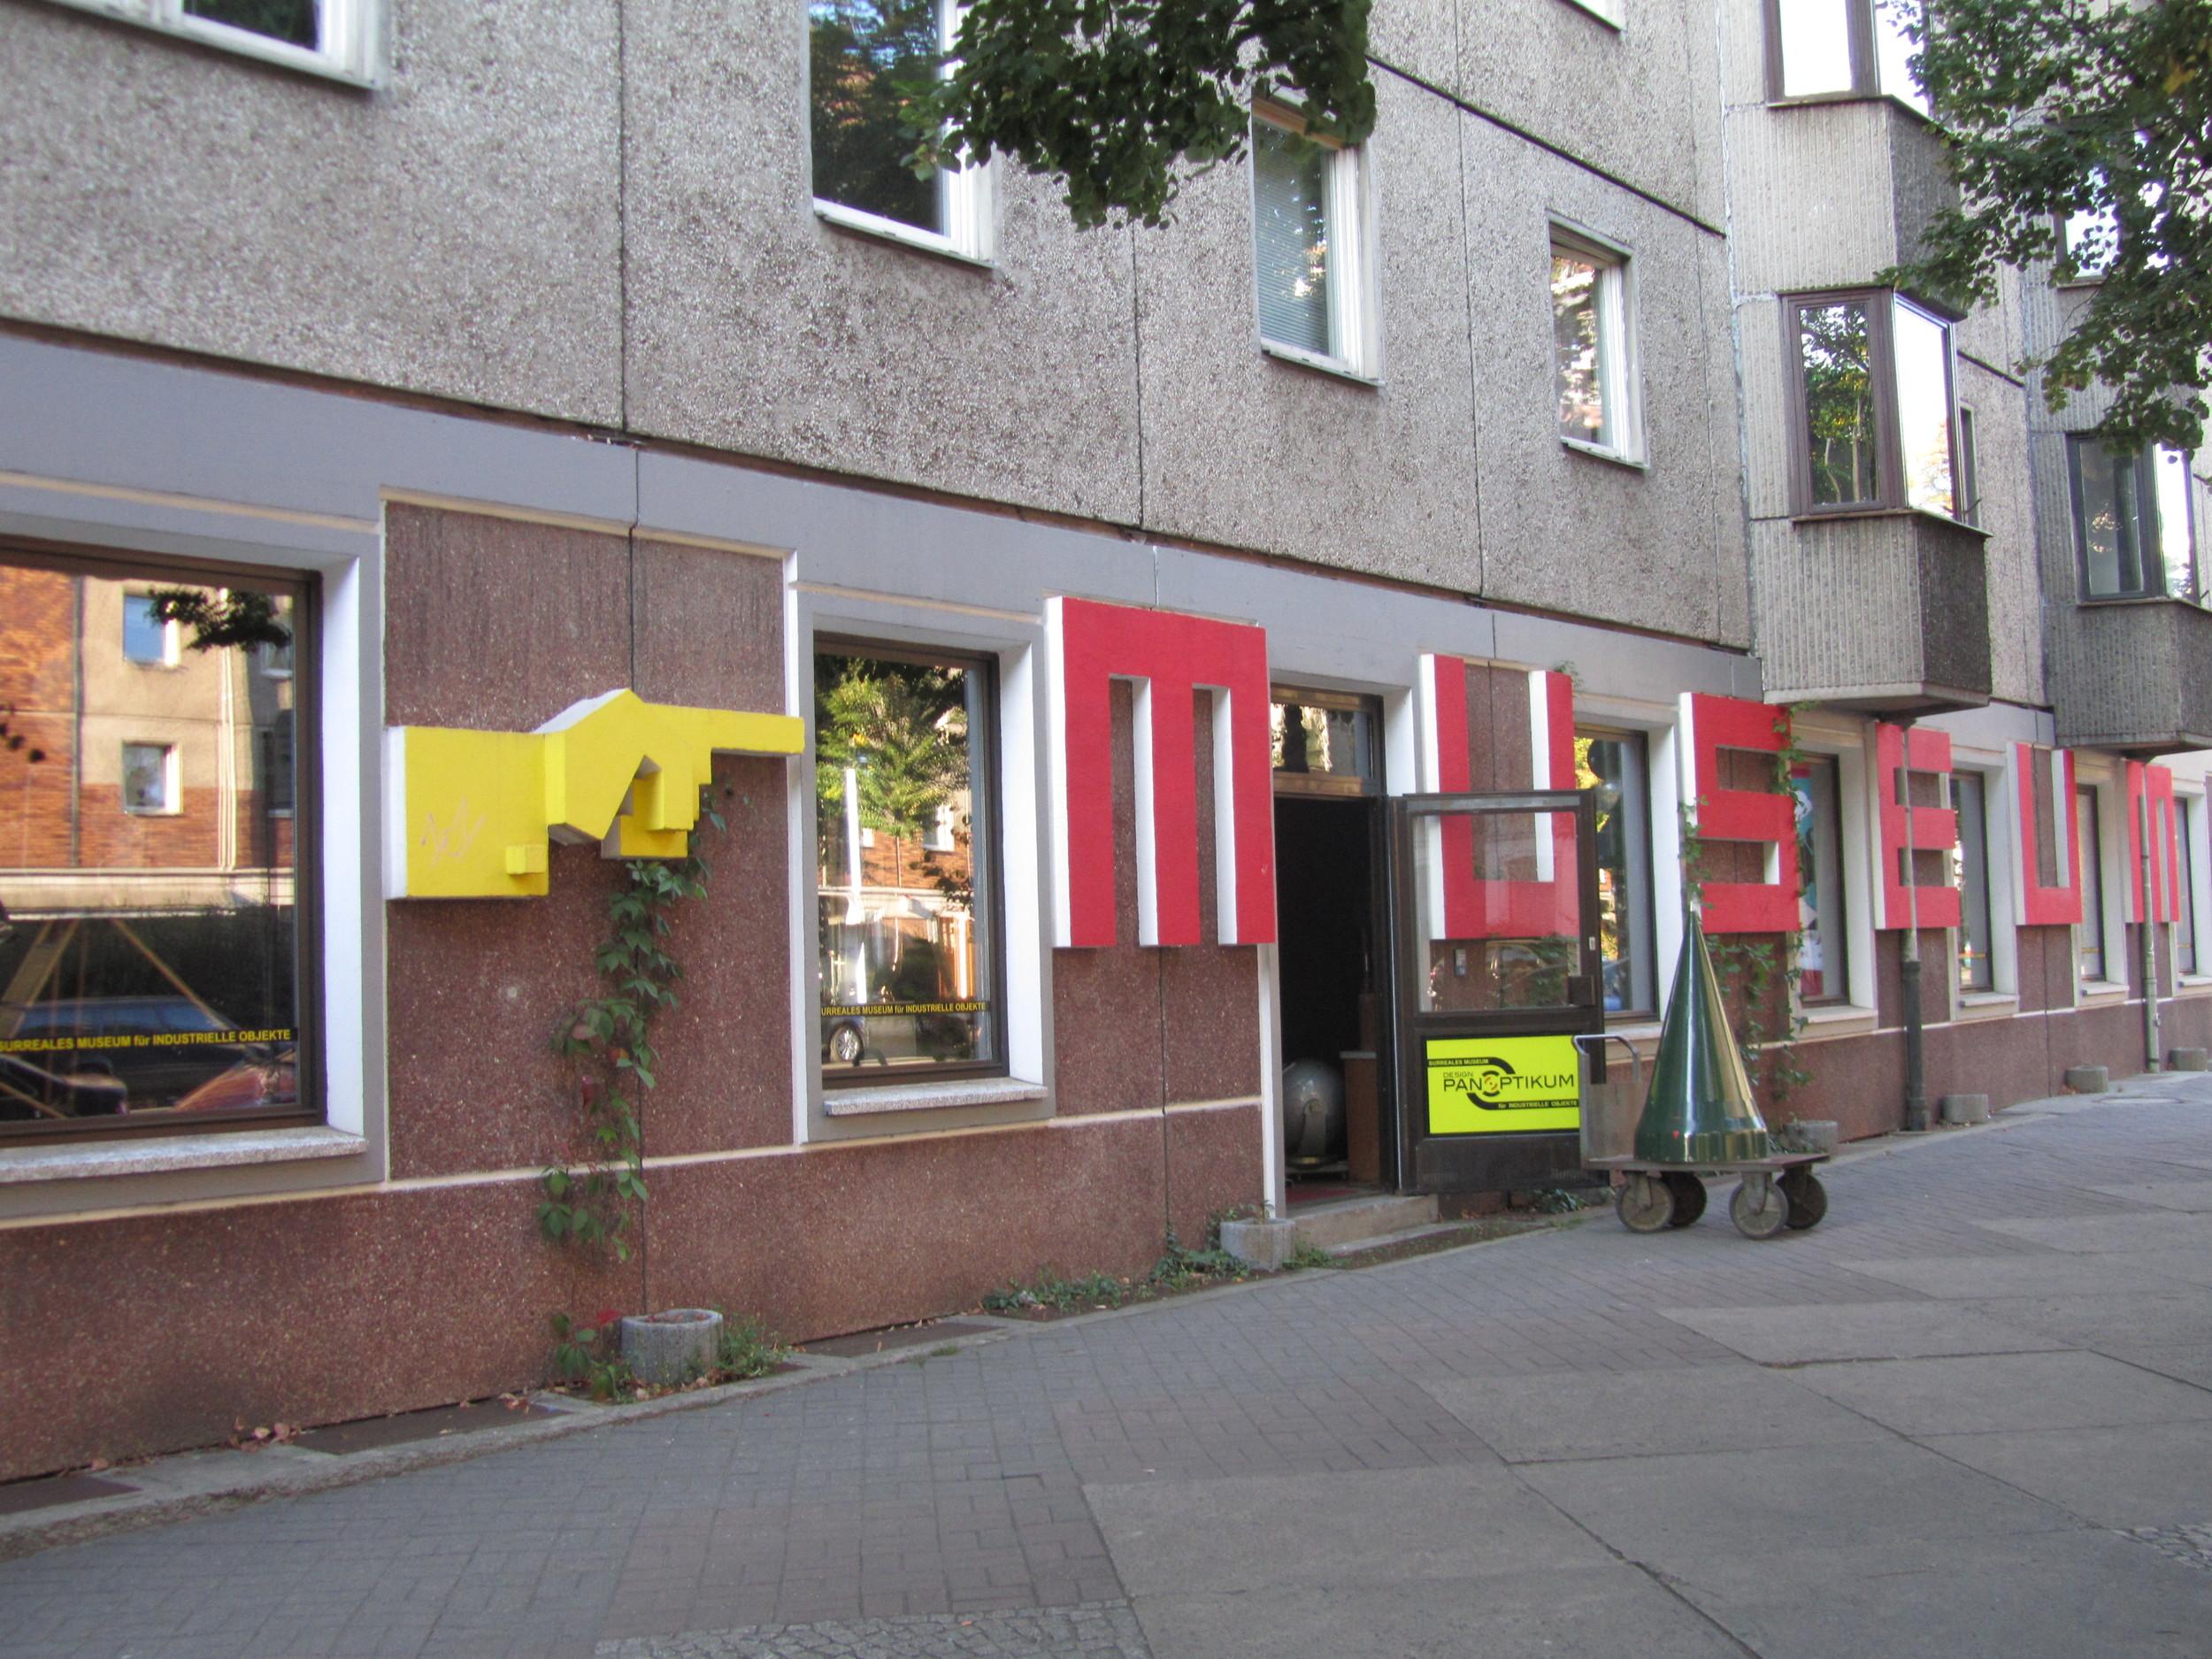 Designpanoptikum - surreales Museum für industrielle Objekte Berlin outside.JPG